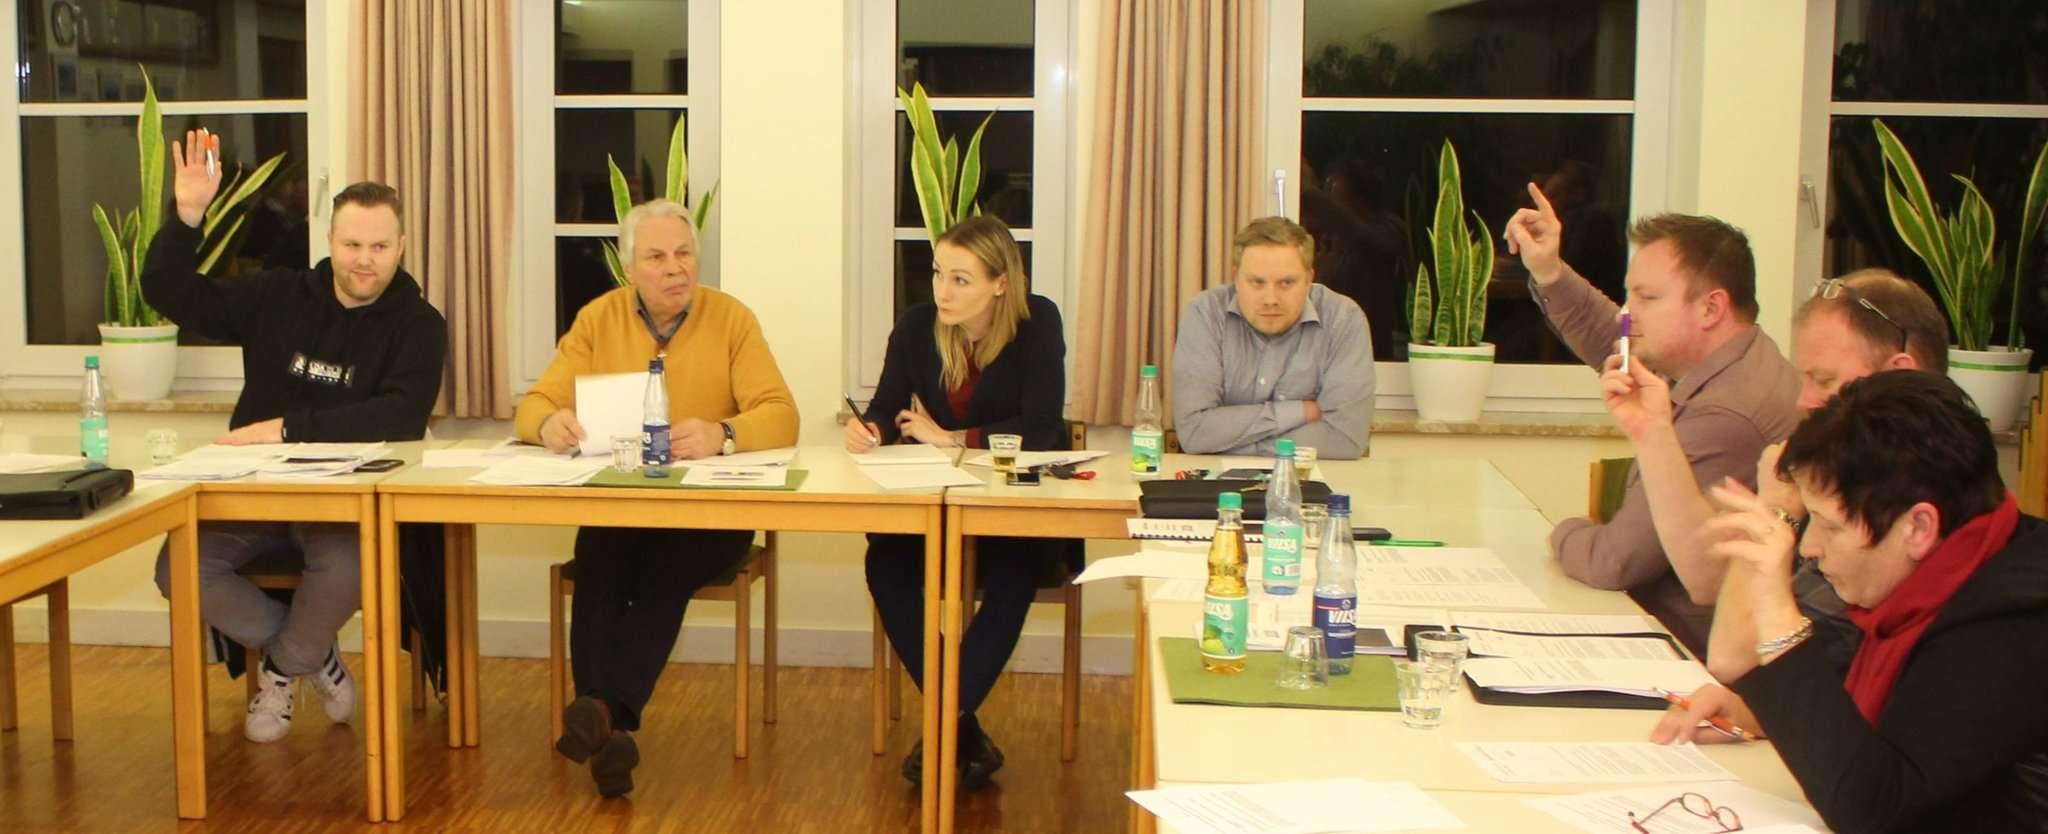 Der Botheler Rat stimmte für eine neue Aufgabenverteilung innerhalb der Samtgemeinde. Foto: Henning Leeske